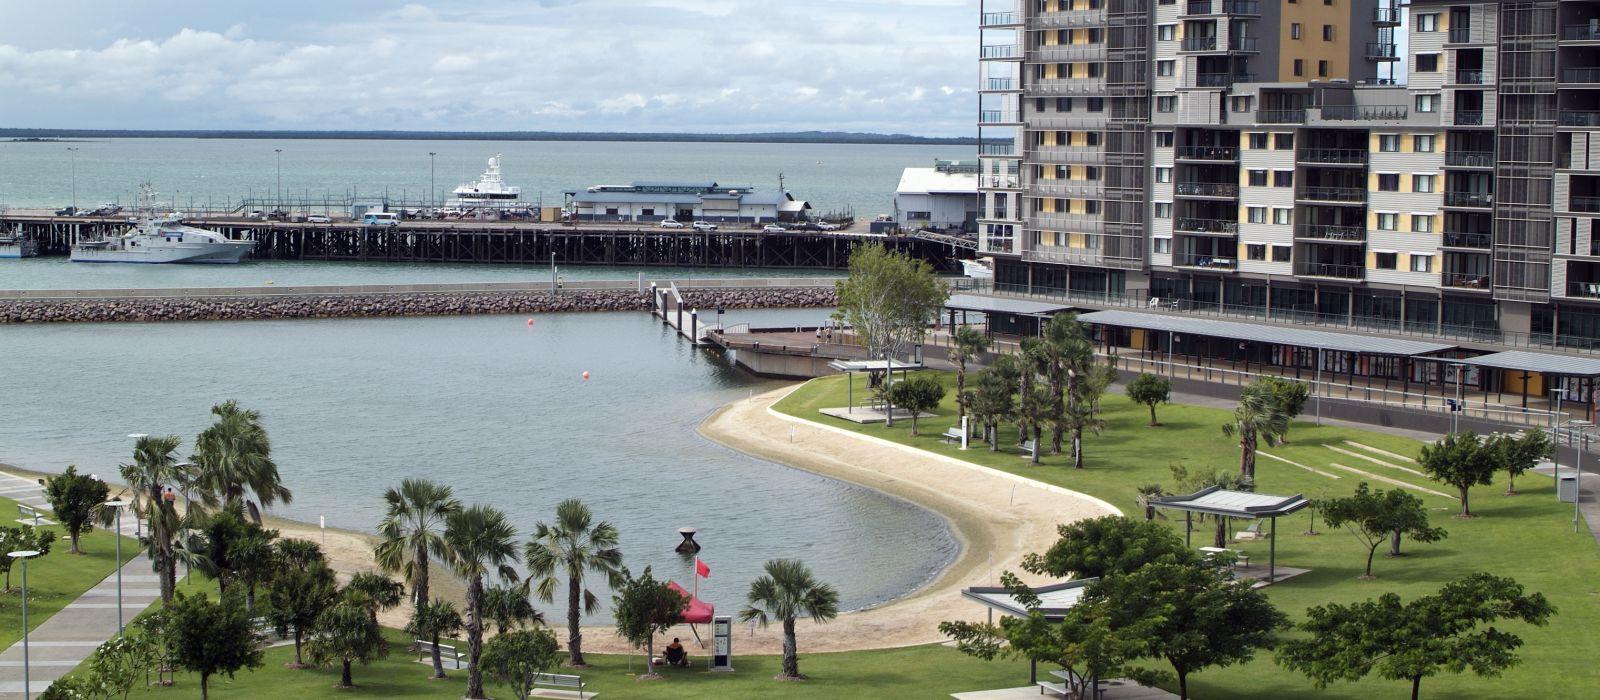 Reiseziel Darwin Australien